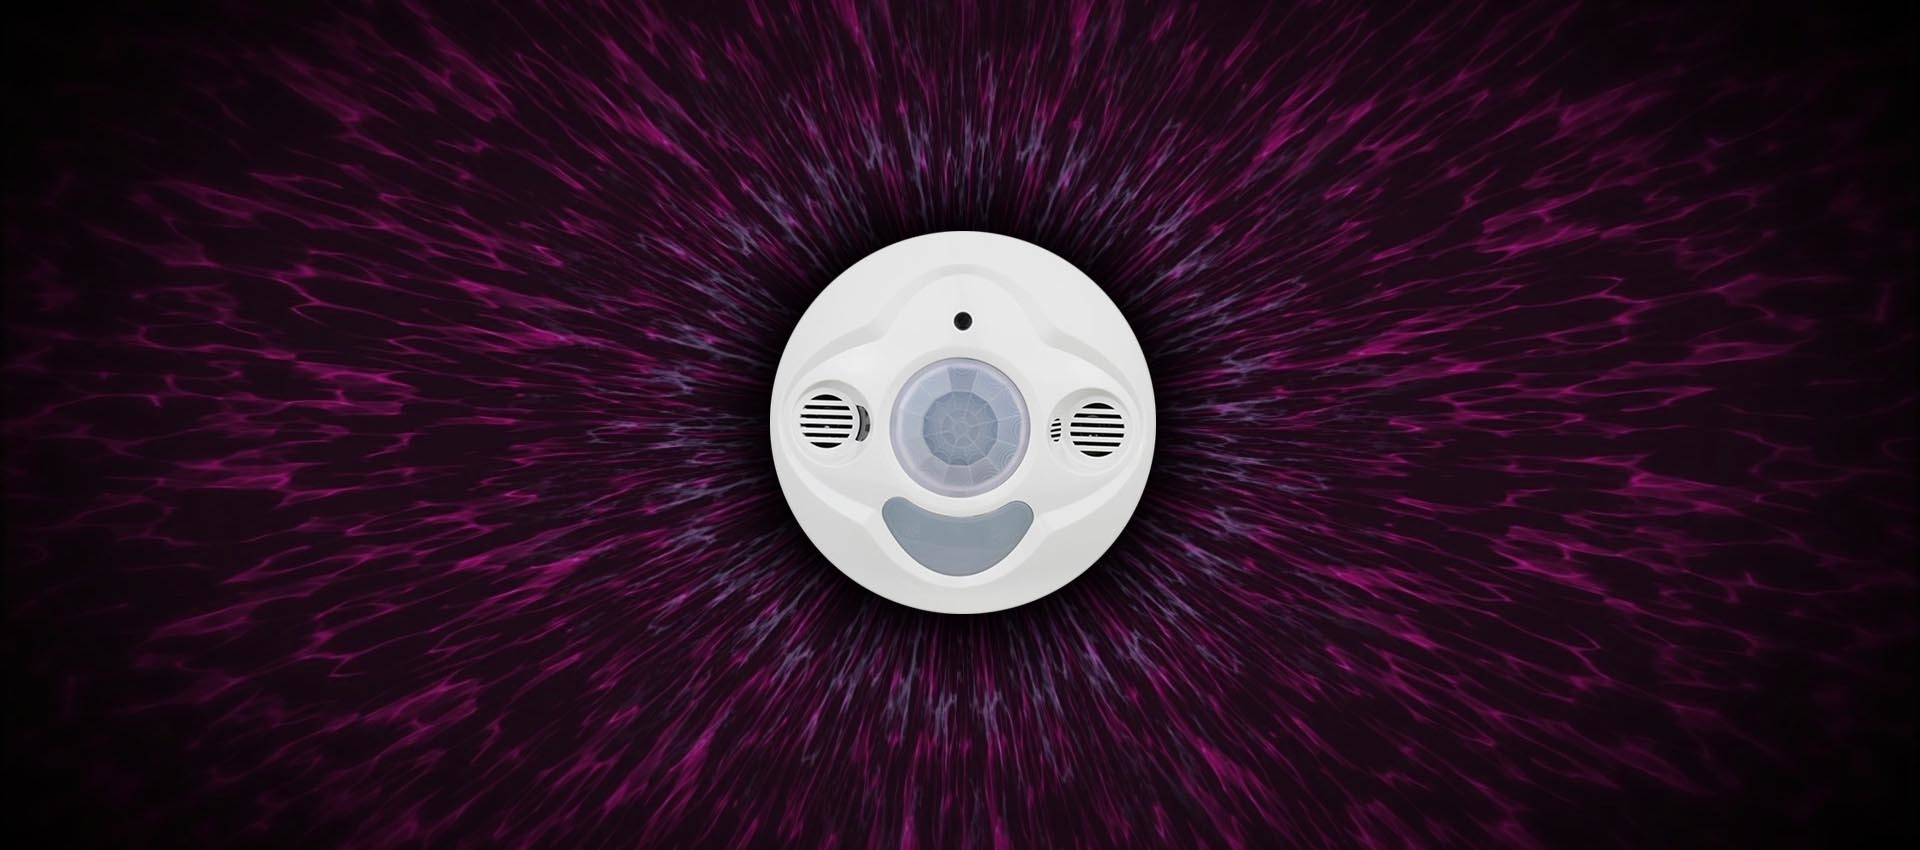 خانه هوشمند نورال | سنسور هوشمند 12 کاره اچ دی ال HDL 12in1 Sensor